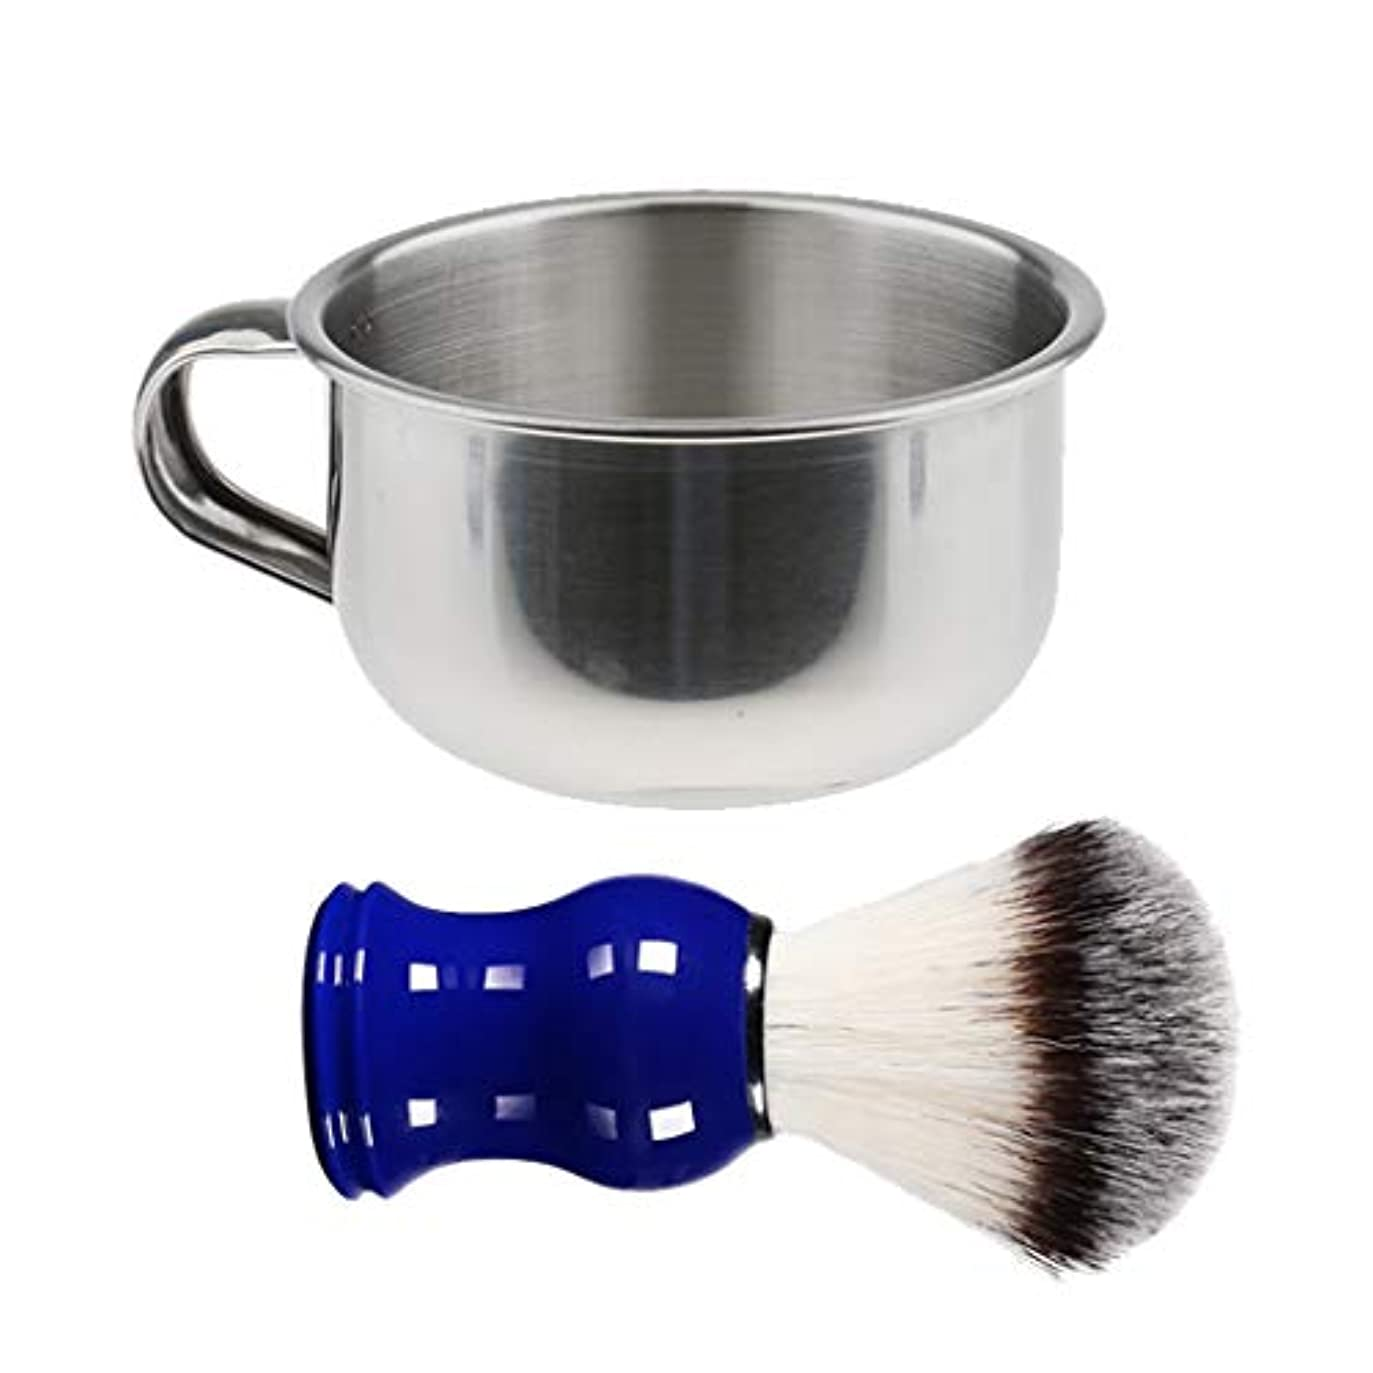 公爵黙認する隙間Hellery シェービングボウル ステンレス製 シェービング用ブラシ 理容 洗顔 髭剃り メンズ アクセサリー